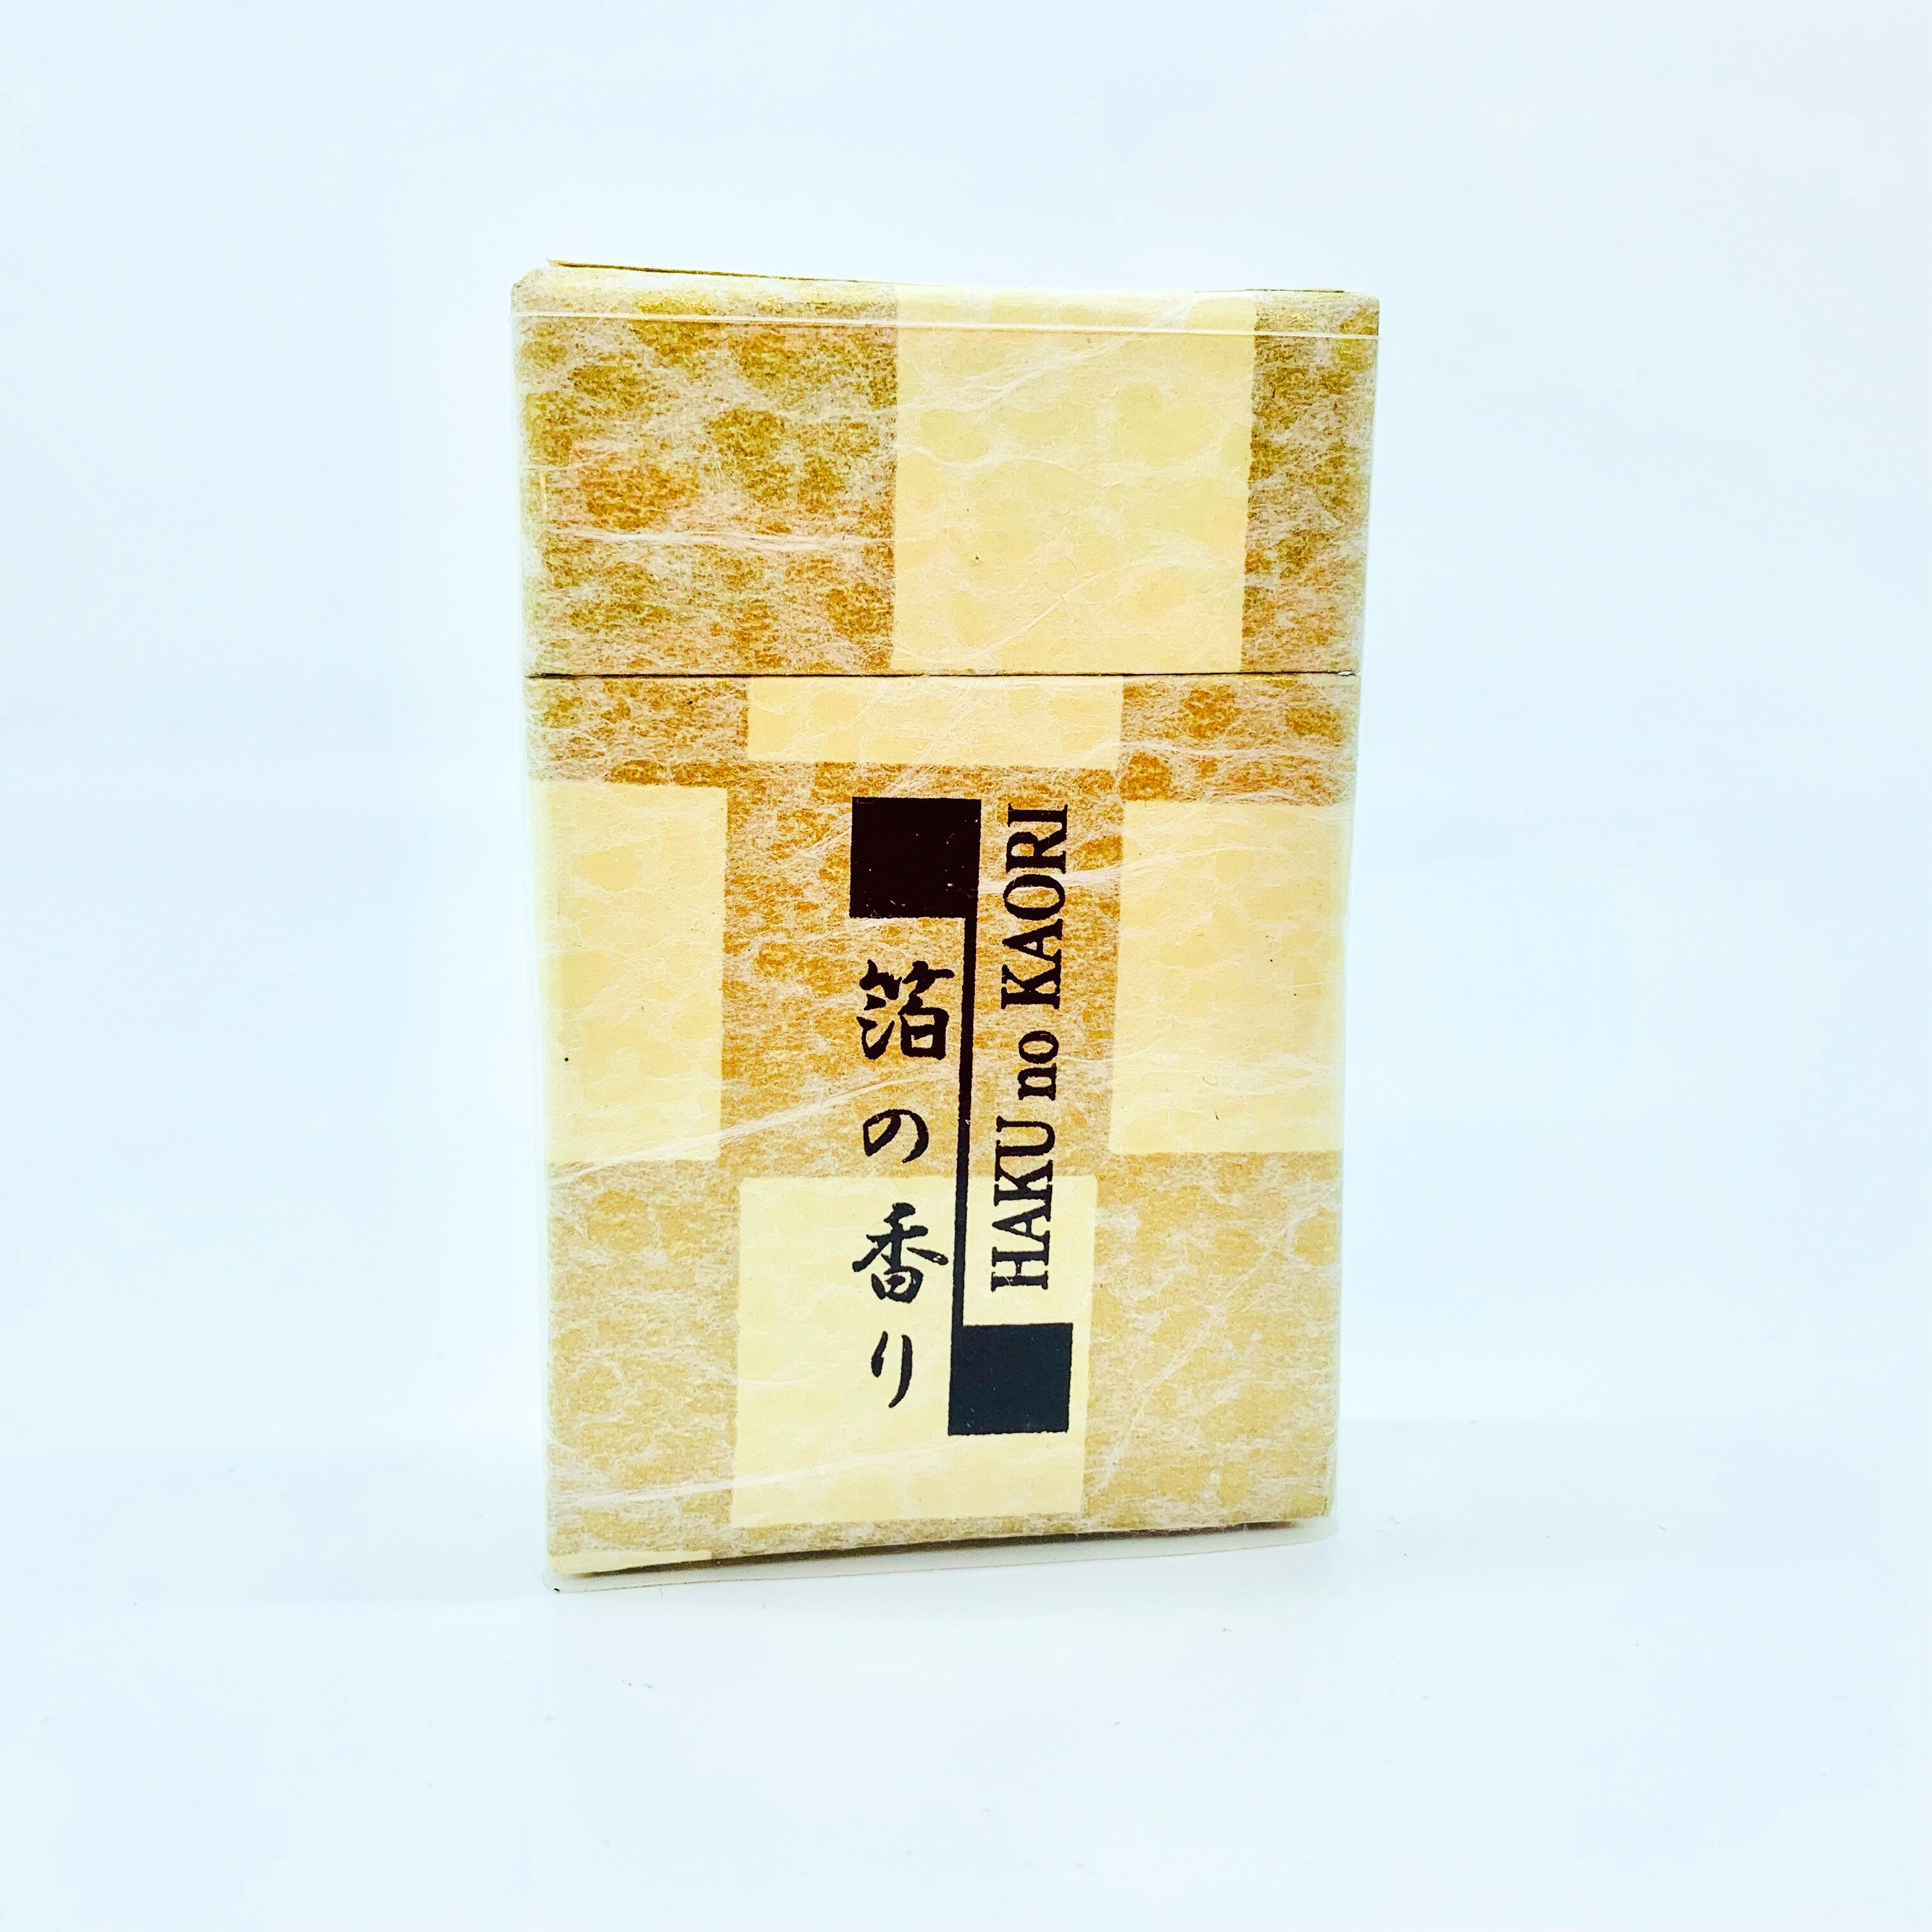 日本 金澤 金箔屋 金箔 線香 日本直送 清淡香氣 0